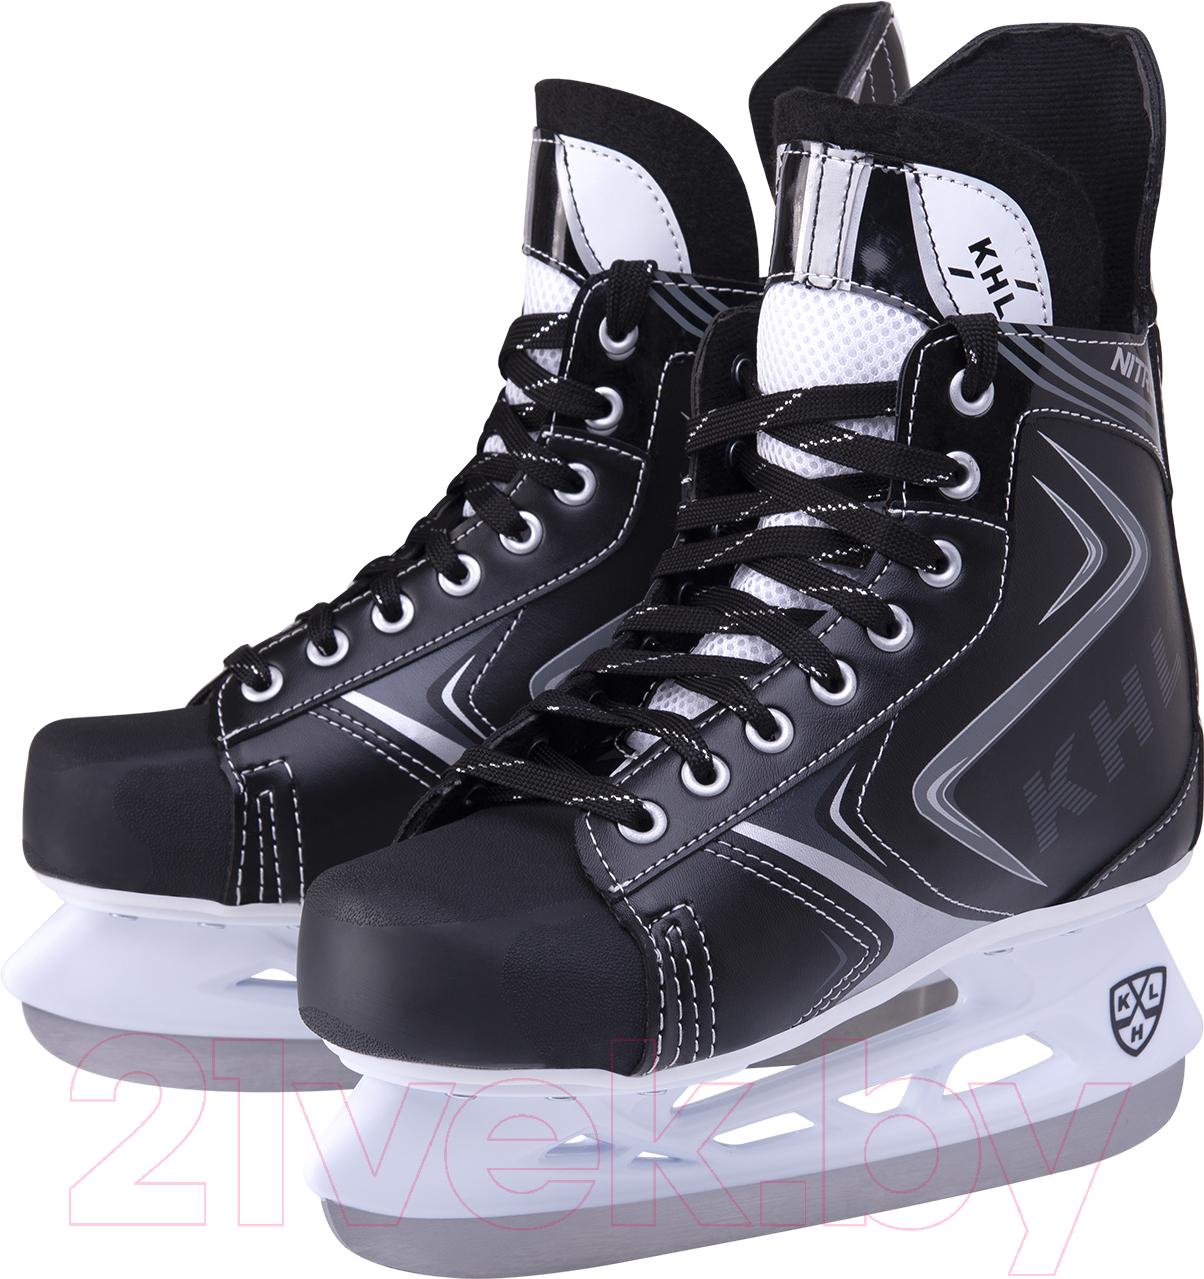 Купить Коньки хоккейные KHL, Nitro (р-р 38), Китай, черный, пластик